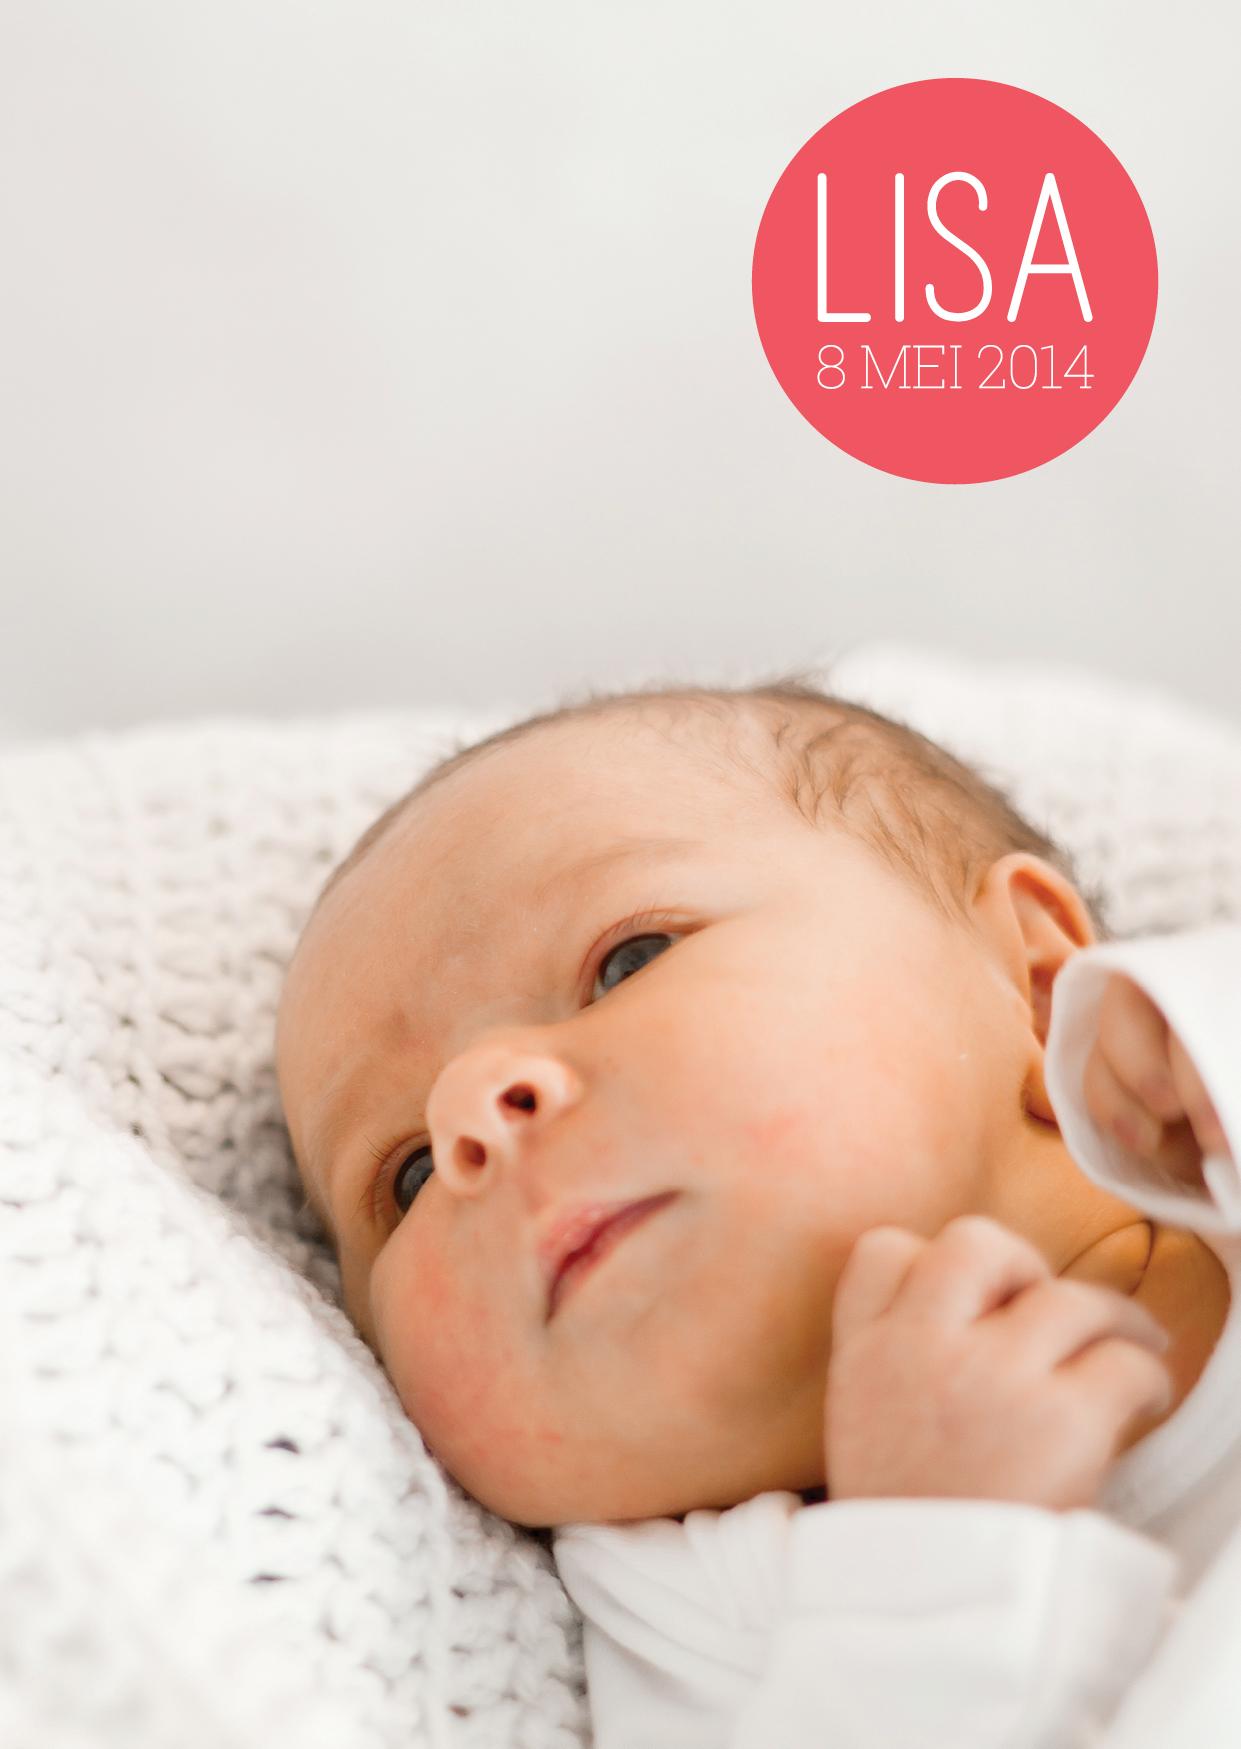 Baby Lisa geboortekaartje  fotografie